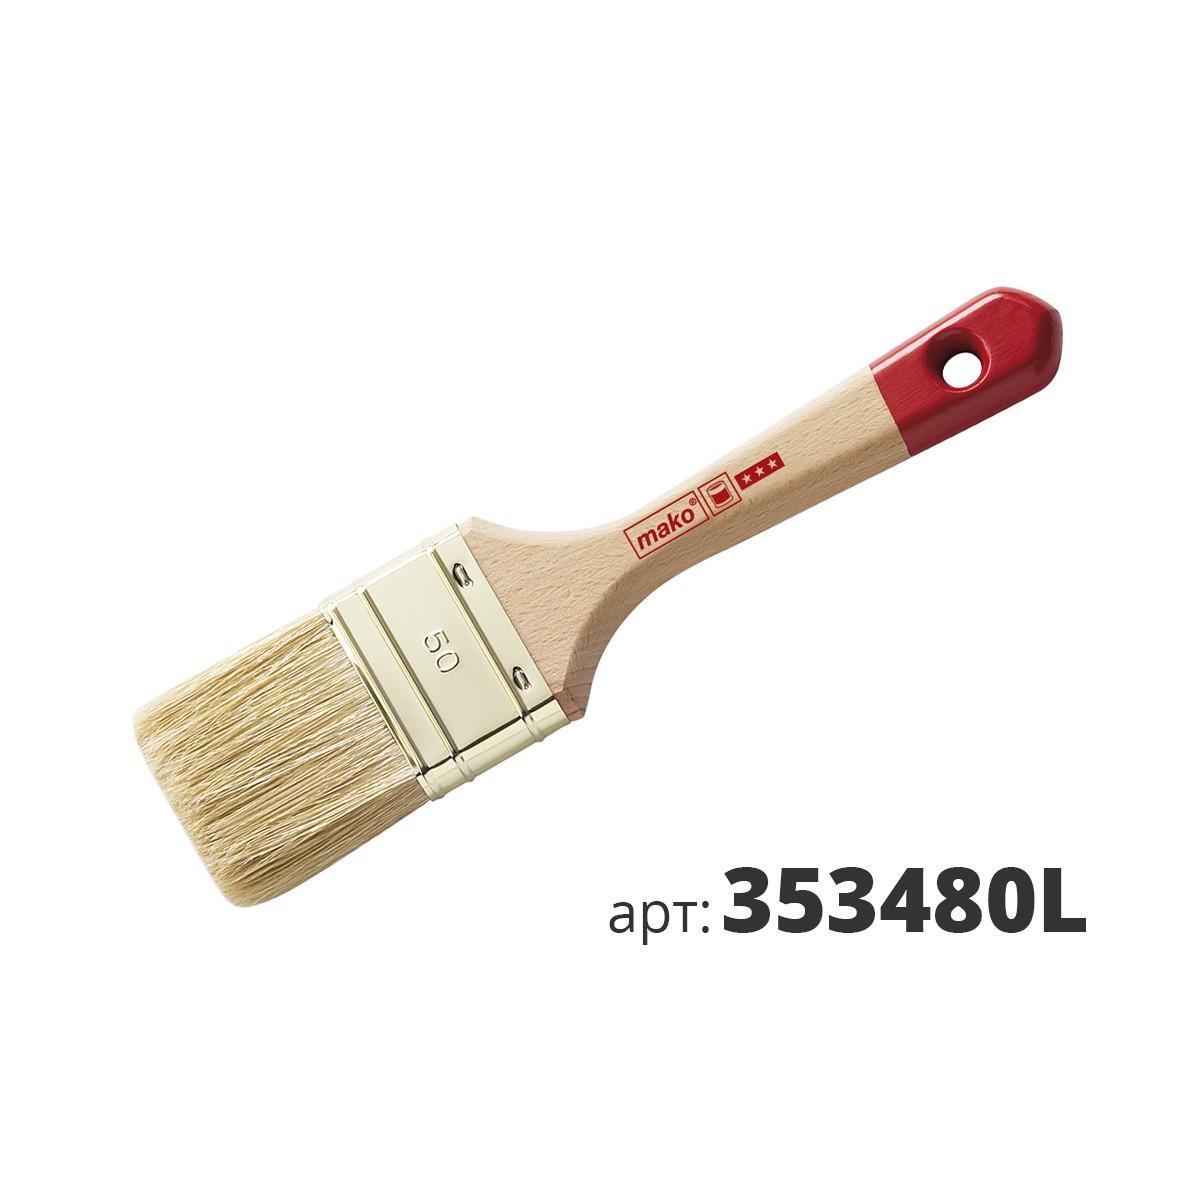 МАКО кисть флейцевая, mako® fil plus смесь щетины 353480L